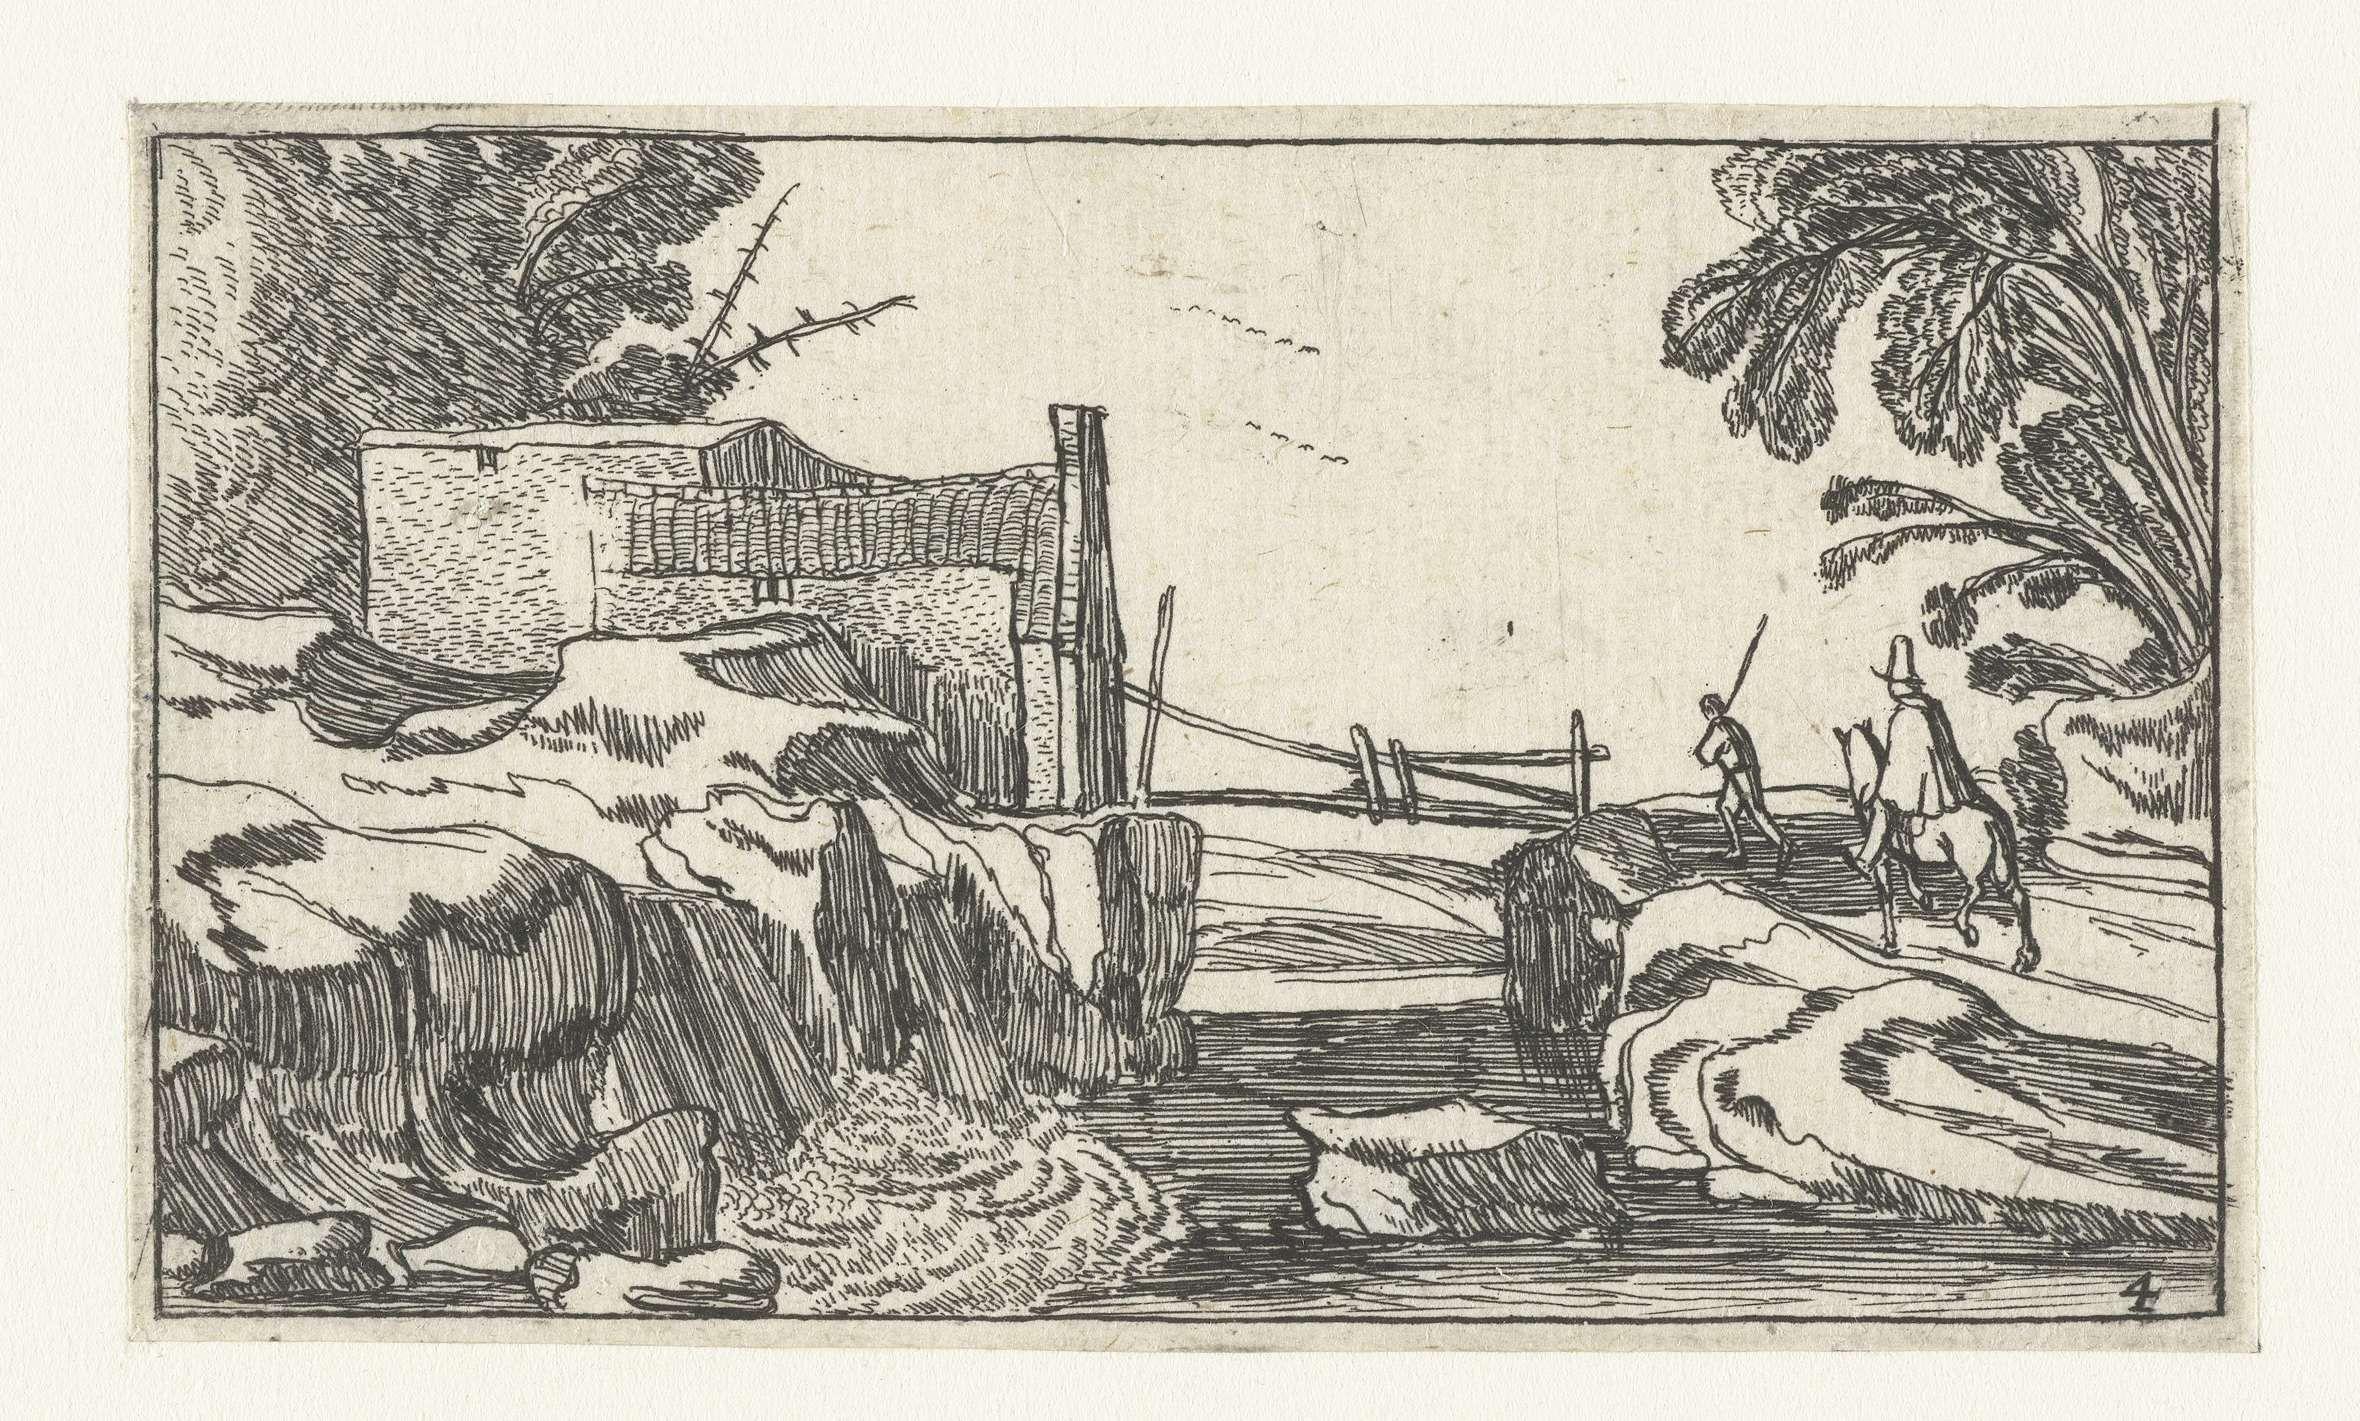 Esaias van de Velde | Pad langs een waterval, Esaias van de Velde, Anonymous, Claes Jansz. Visscher (II), 1610 - 1617 |